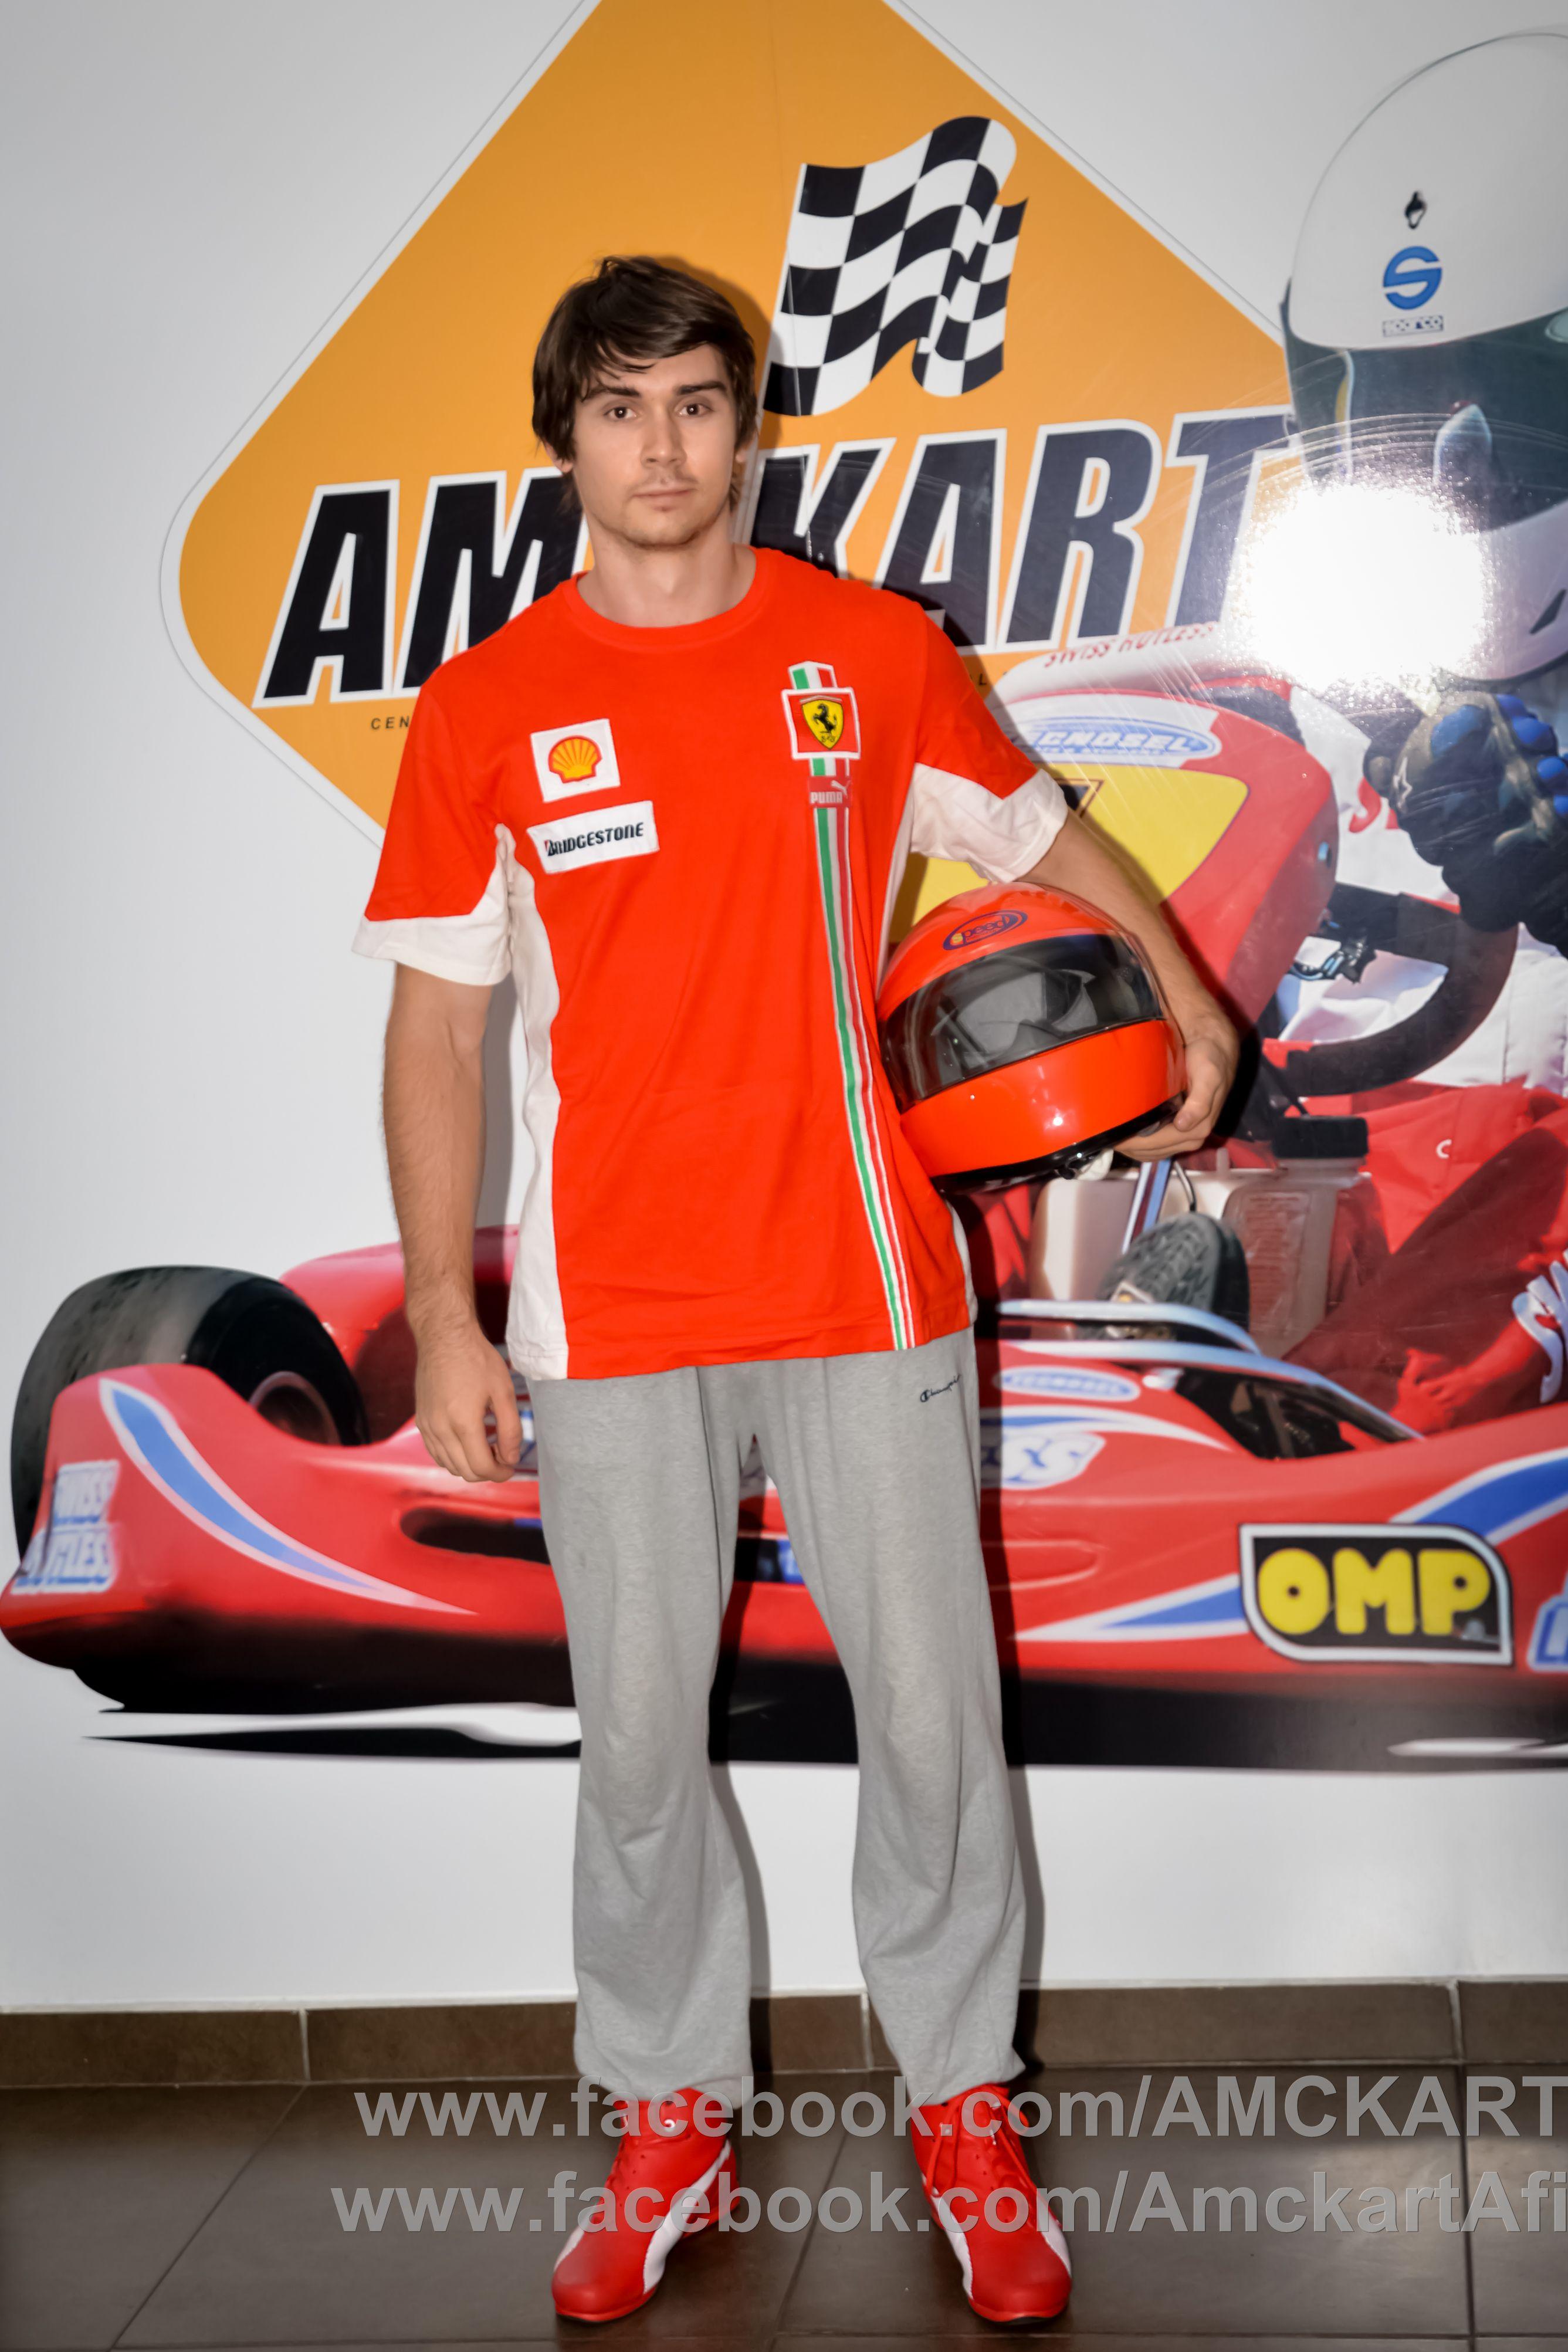 Top Gear & Amckart Competition winner!!! Congratulations Radu!